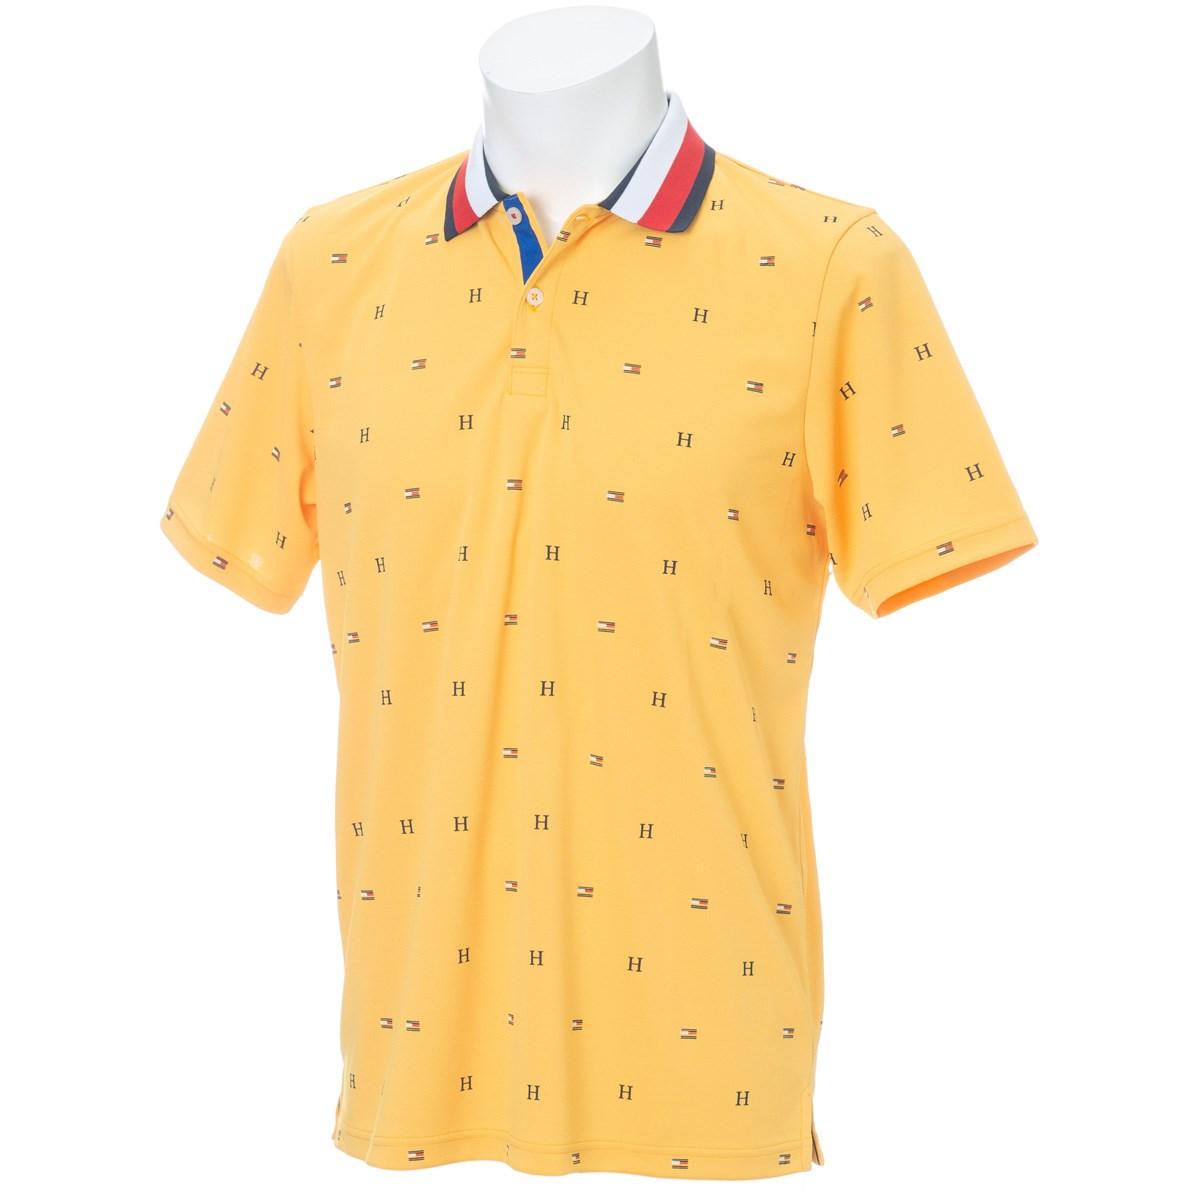 トミーヒルフィガー(Tommy Hilfiger) 半袖ポロシャツ